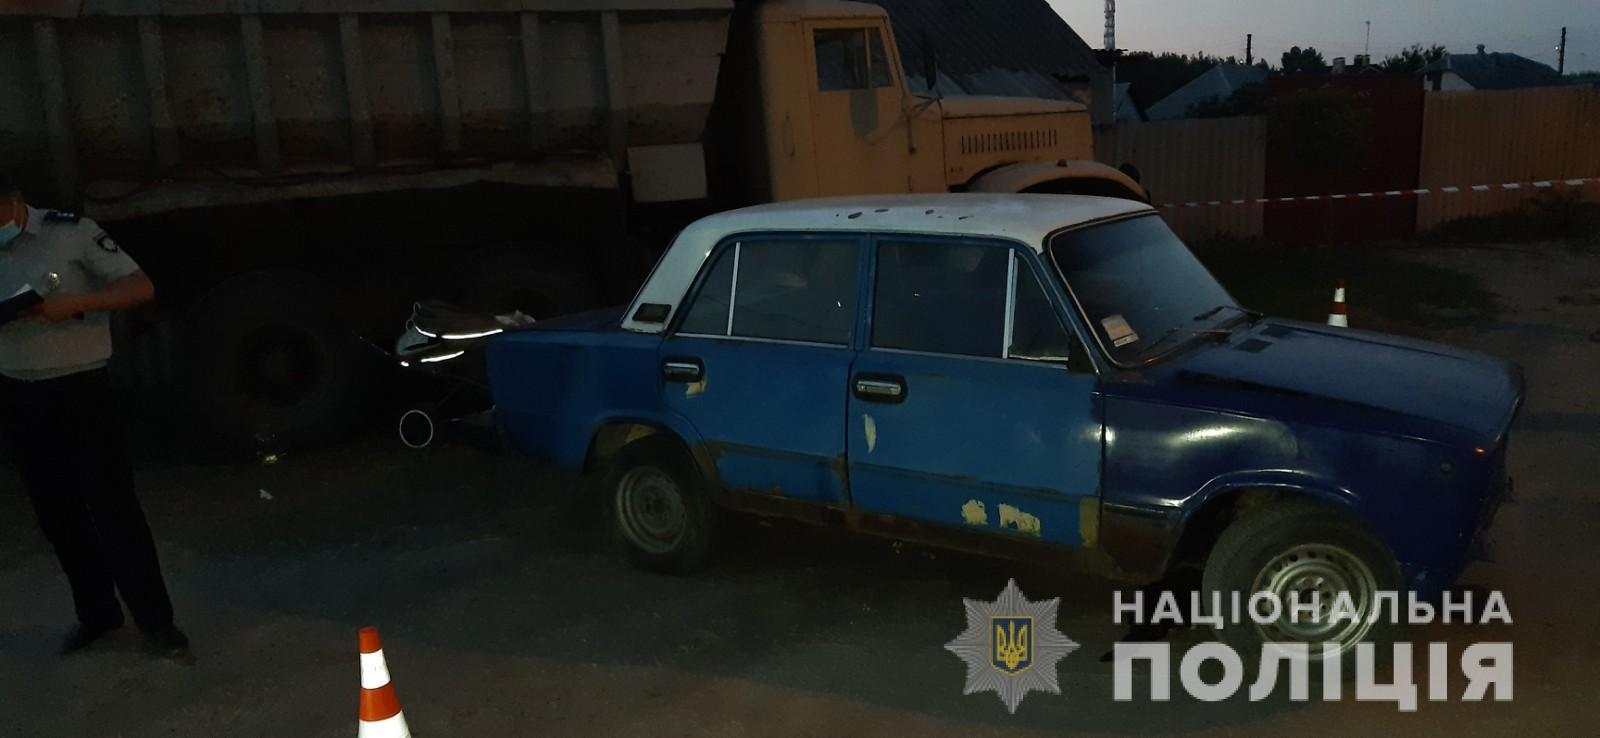 В результате ДТП в Харькове под колесами автомобиля погиб младенец (фото)